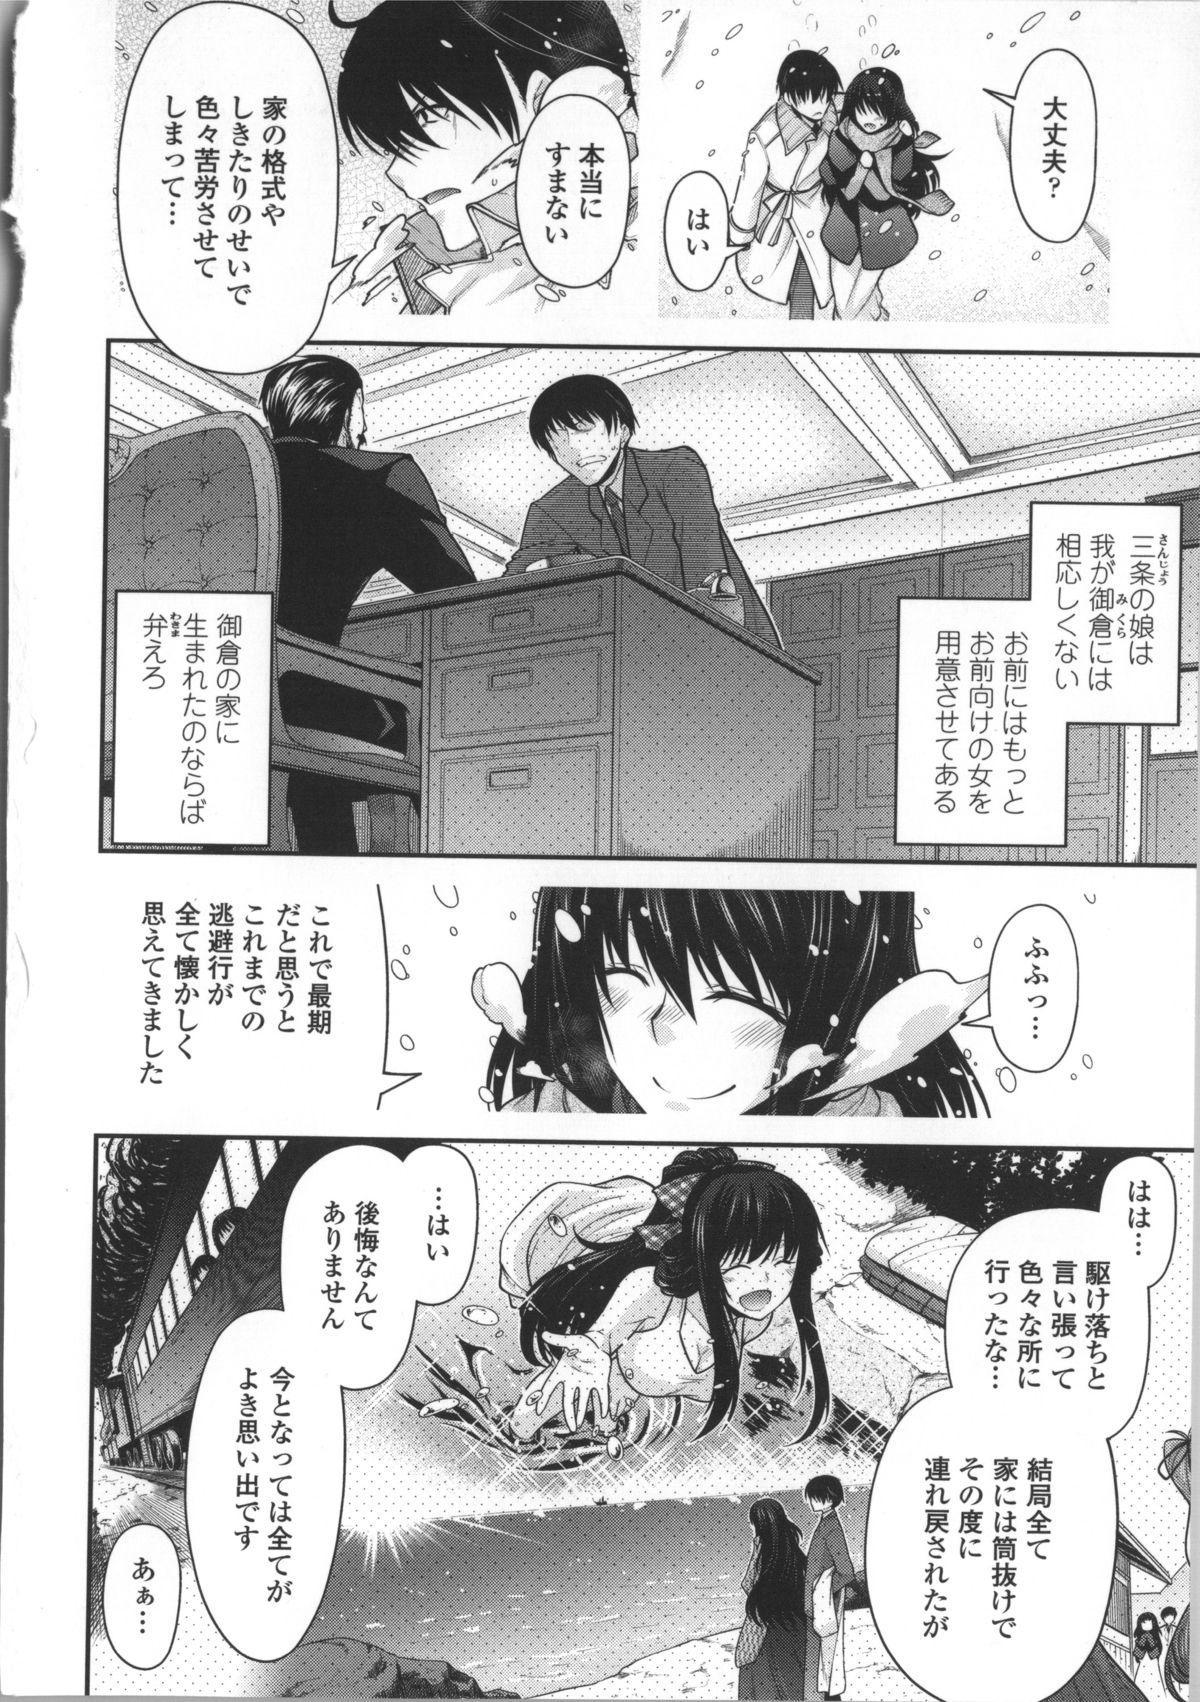 Yamato Nadeshiko Breast Changes 195